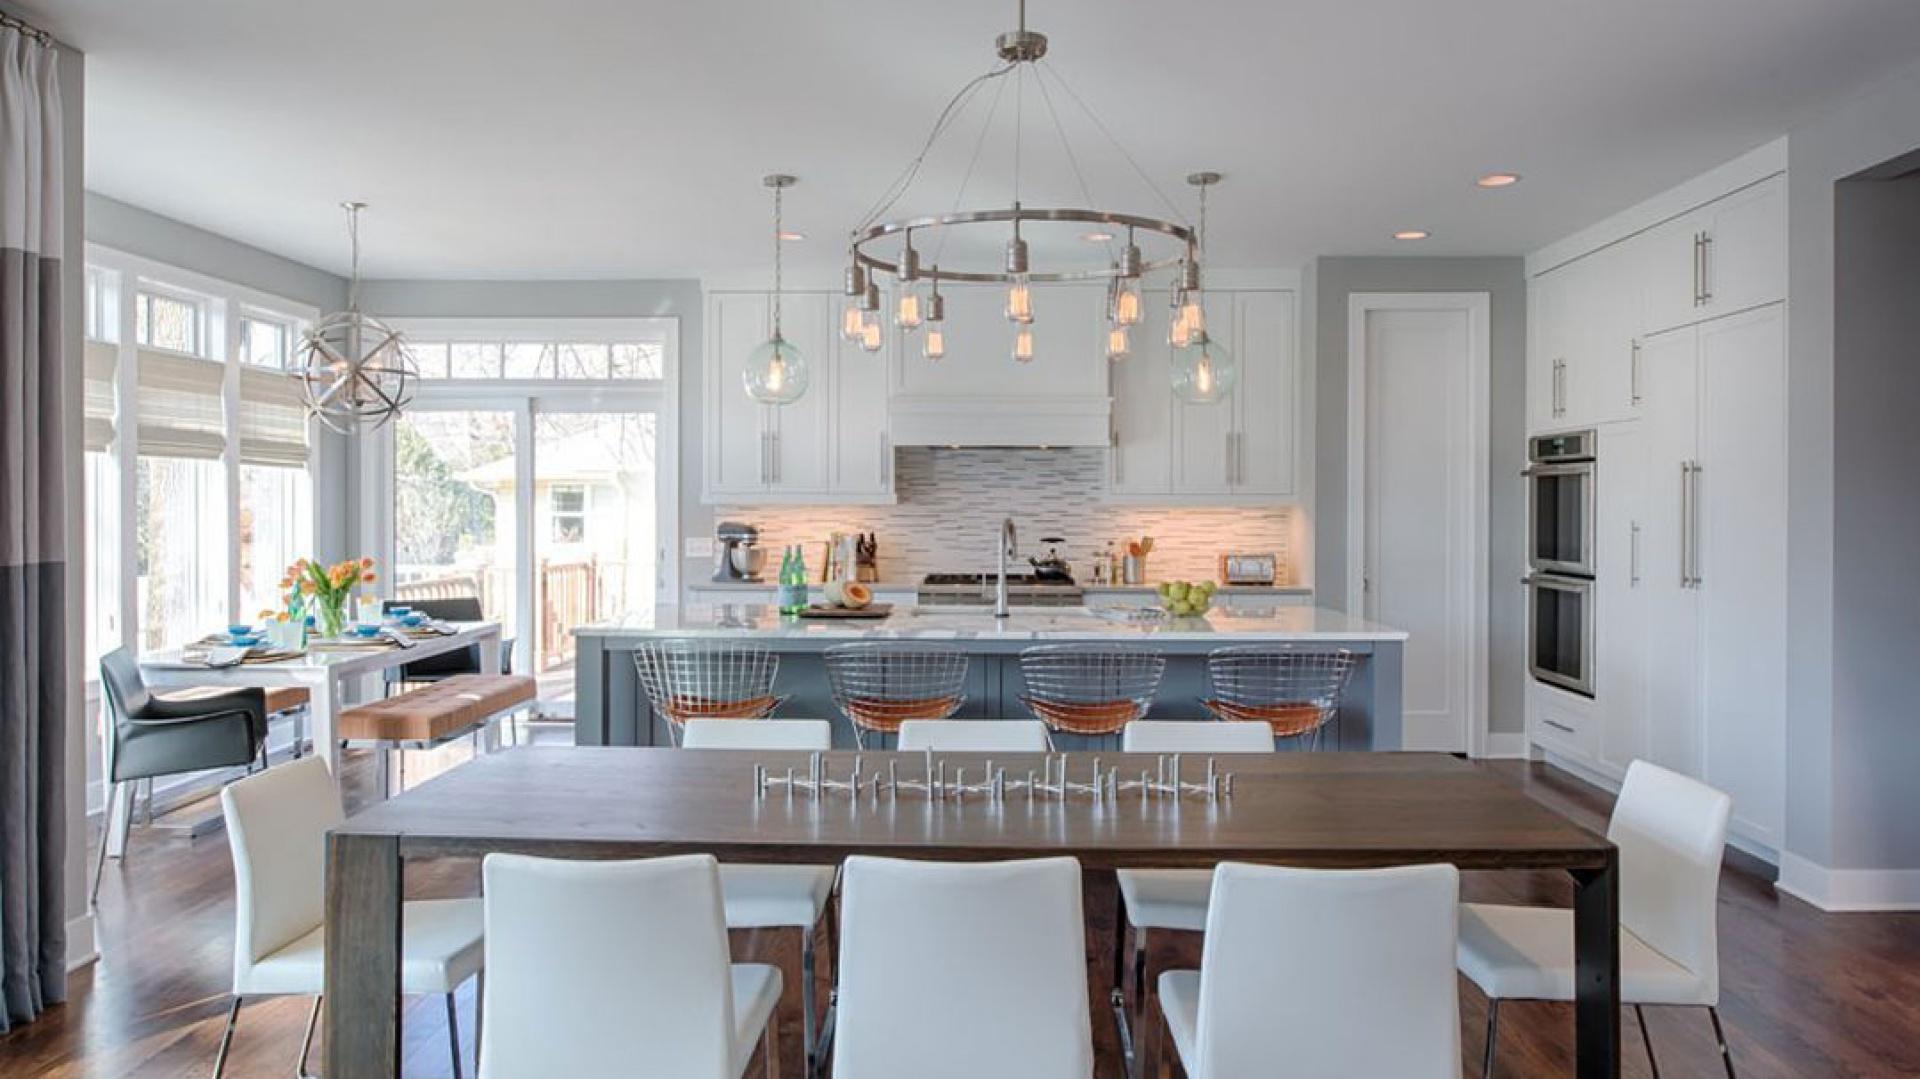 Duża kuchnia, połączona z okazałą jadalnią mieści w sobie mieszankę różnych stylów. Metalowe krzesła przywodzą na myśl industrialne klimaty, podczas gdy okazały żyrandol nad stołem nawiązuje do stylistyki glamour. Z kolei lampy zawieszone nad wyspą kuchenną utrzymane są w vintage'owym stylu. Fot. Refined.